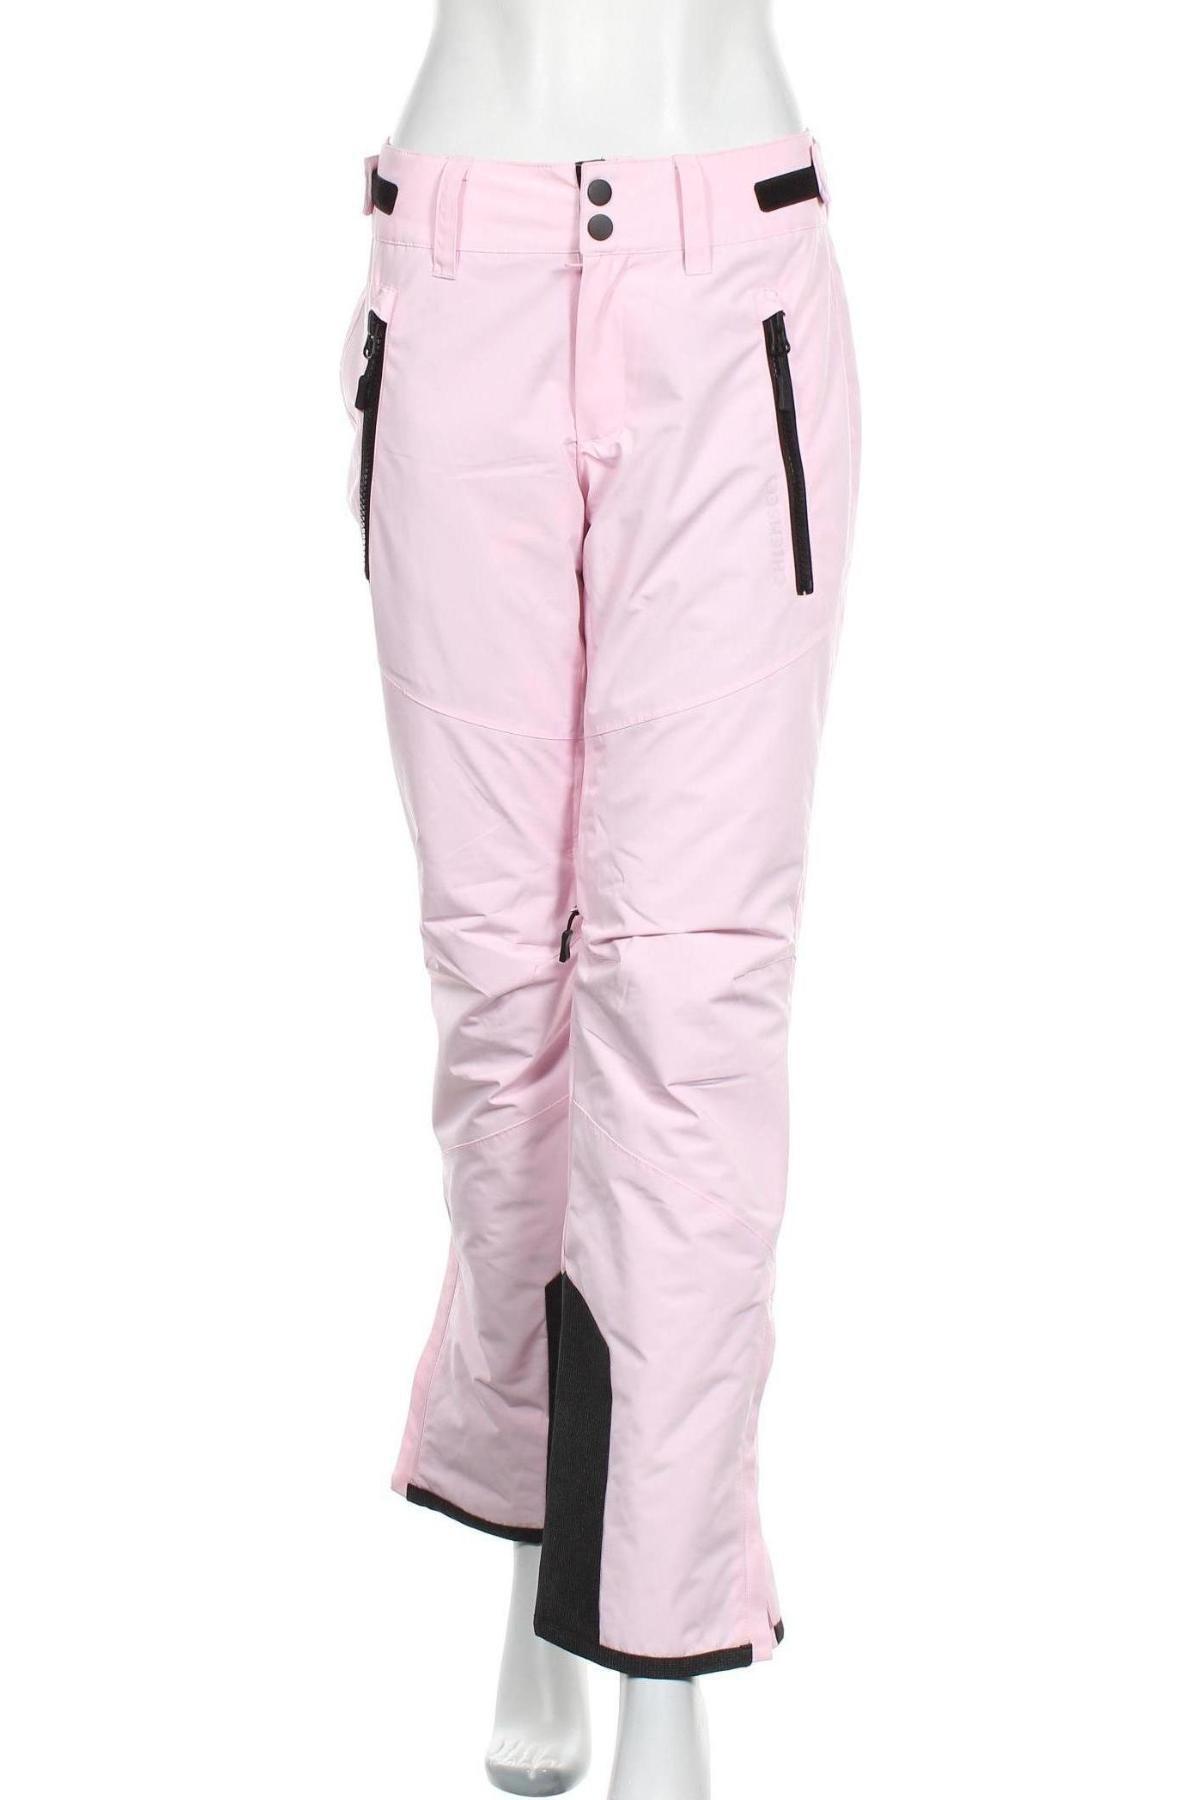 Дамски панталон за зимни спортове Chiemsee, Размер M, Цвят Розов, Полиестер, Цена 98,55лв.